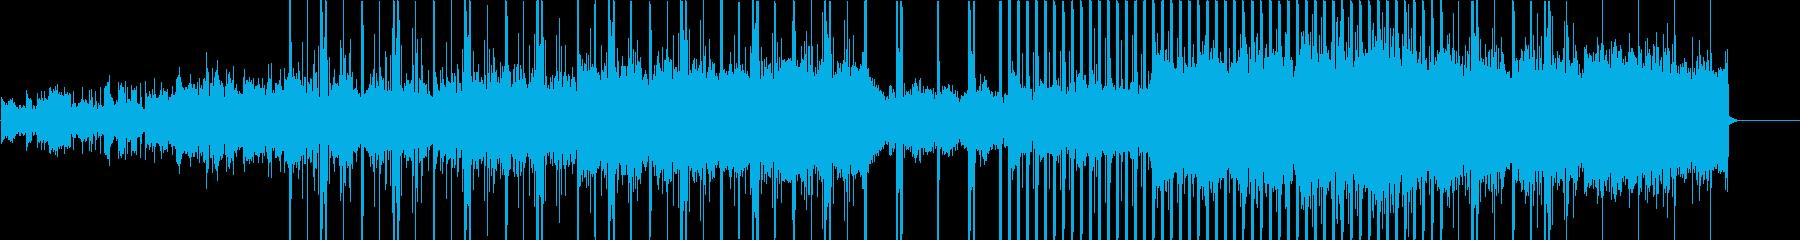 幻想的で力強いチルアウトの再生済みの波形